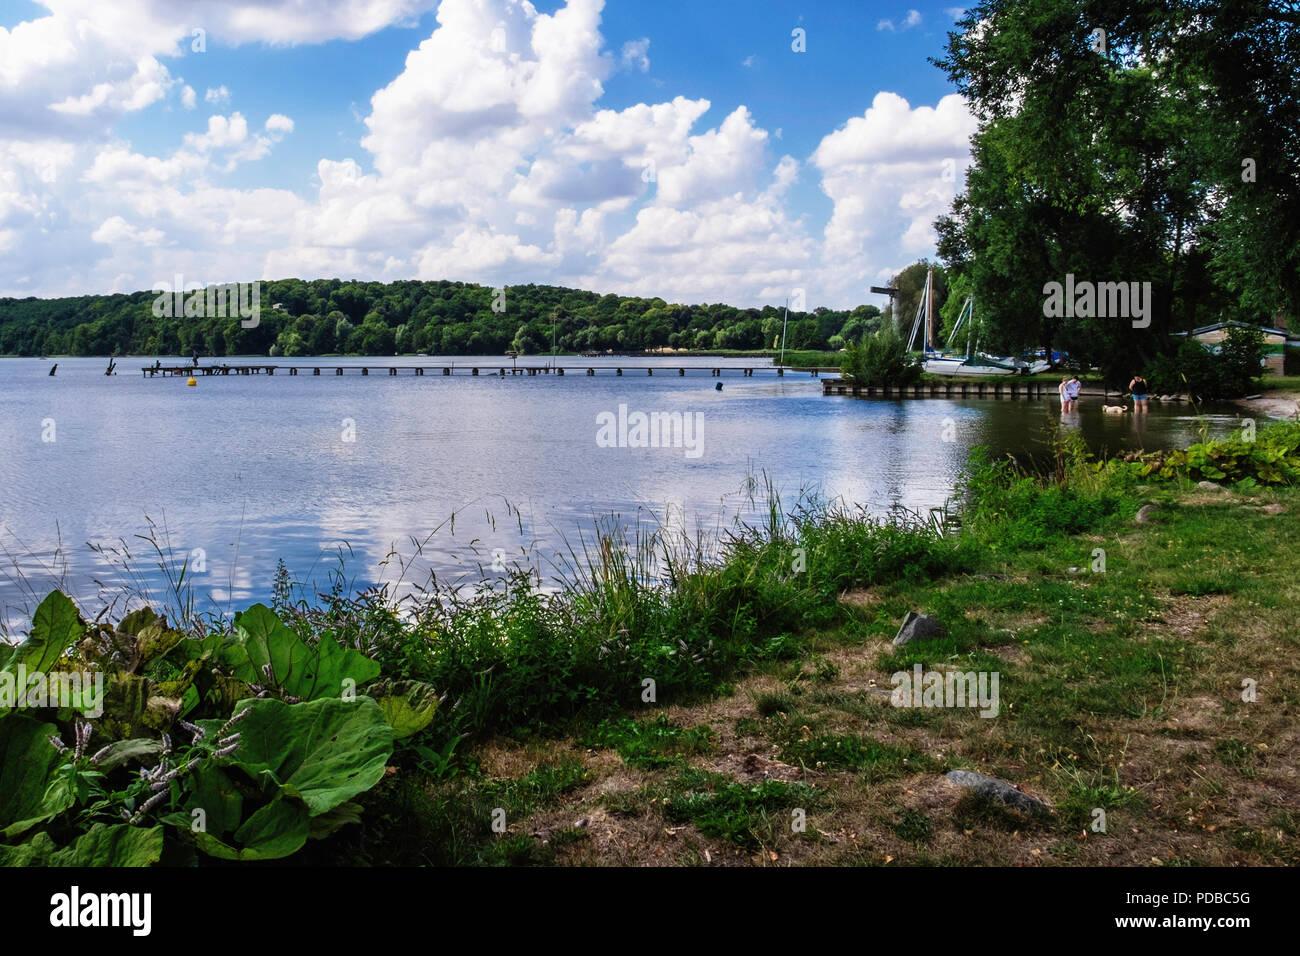 Tollensee lago, piscina popolare spot & destinazione di vacanza a Neubrandeburg,lago Meclemburgo,Germania Immagini Stock